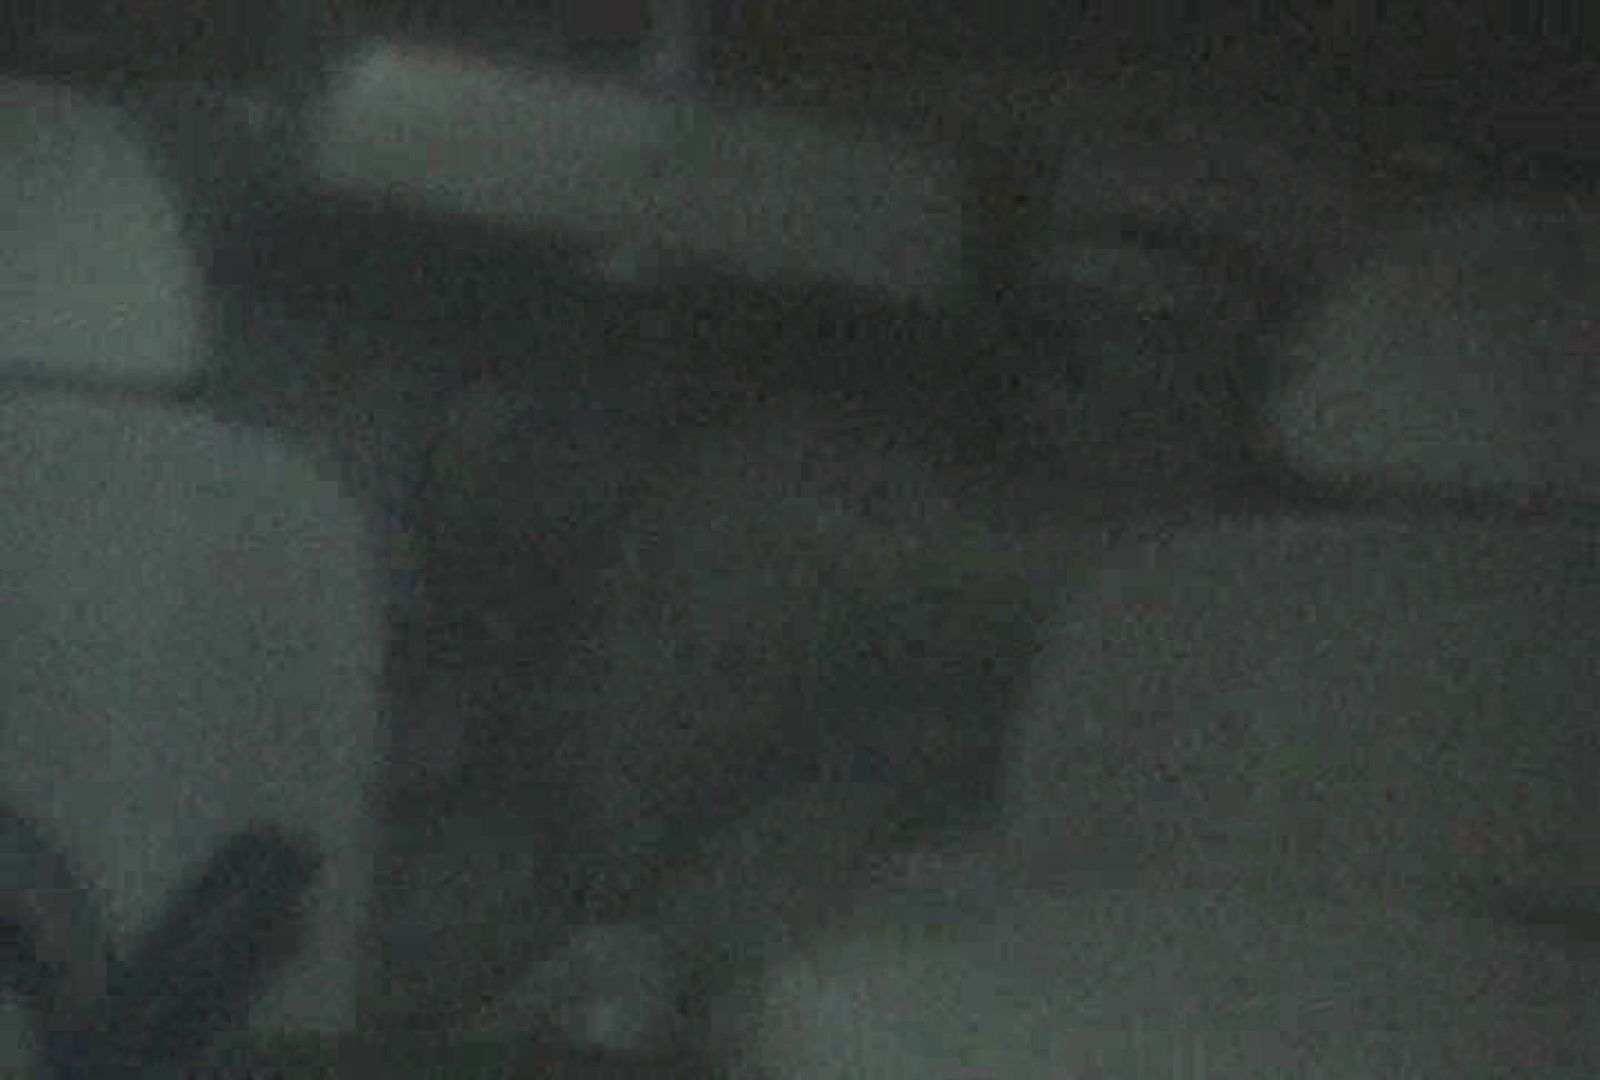 充血監督の深夜の運動会Vol.45 OLセックス  59画像 18